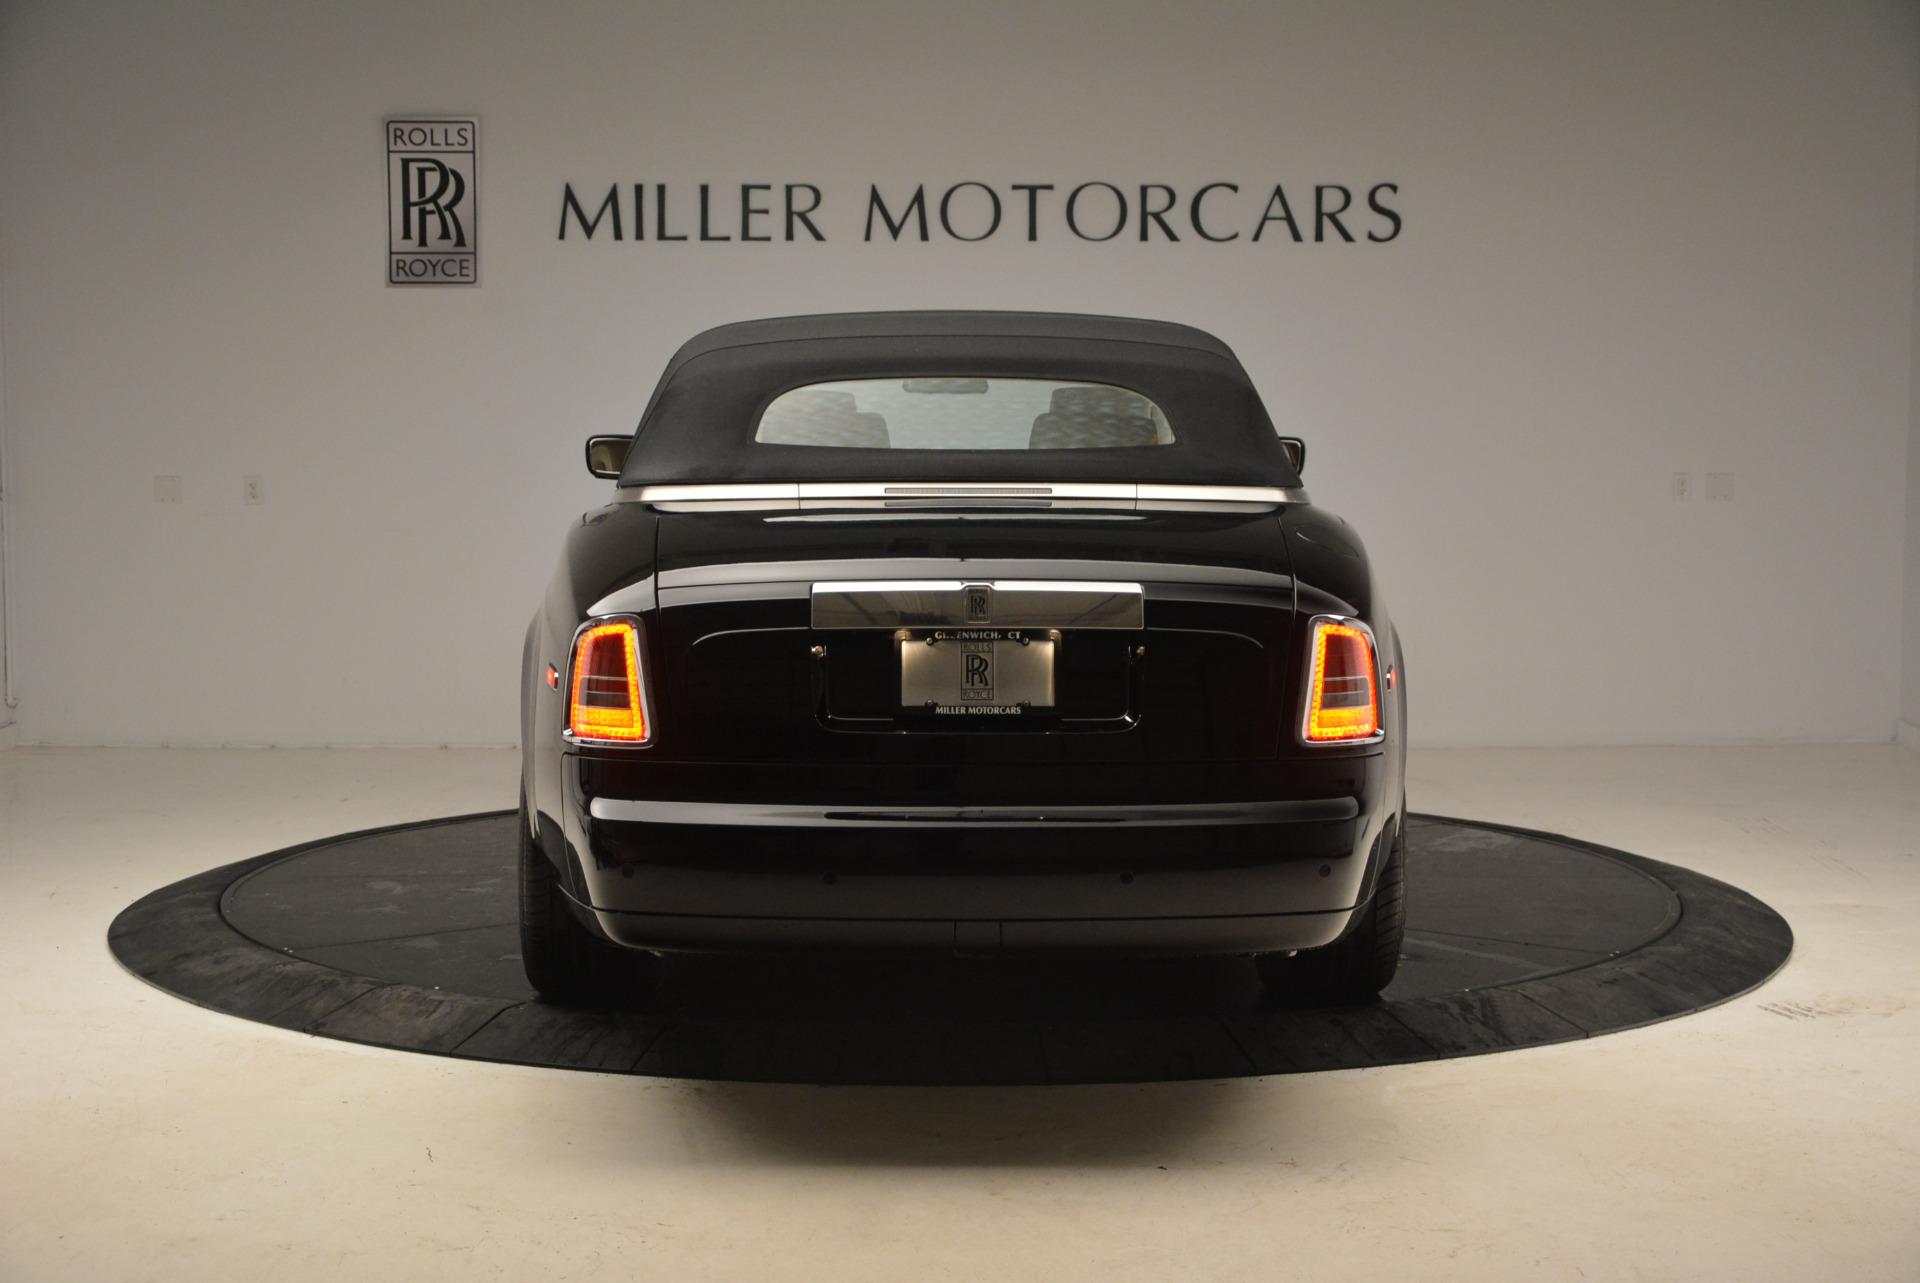 Used 2009 Rolls-Royce Phantom Drophead Coupe  For Sale In Westport, CT 1792_p18